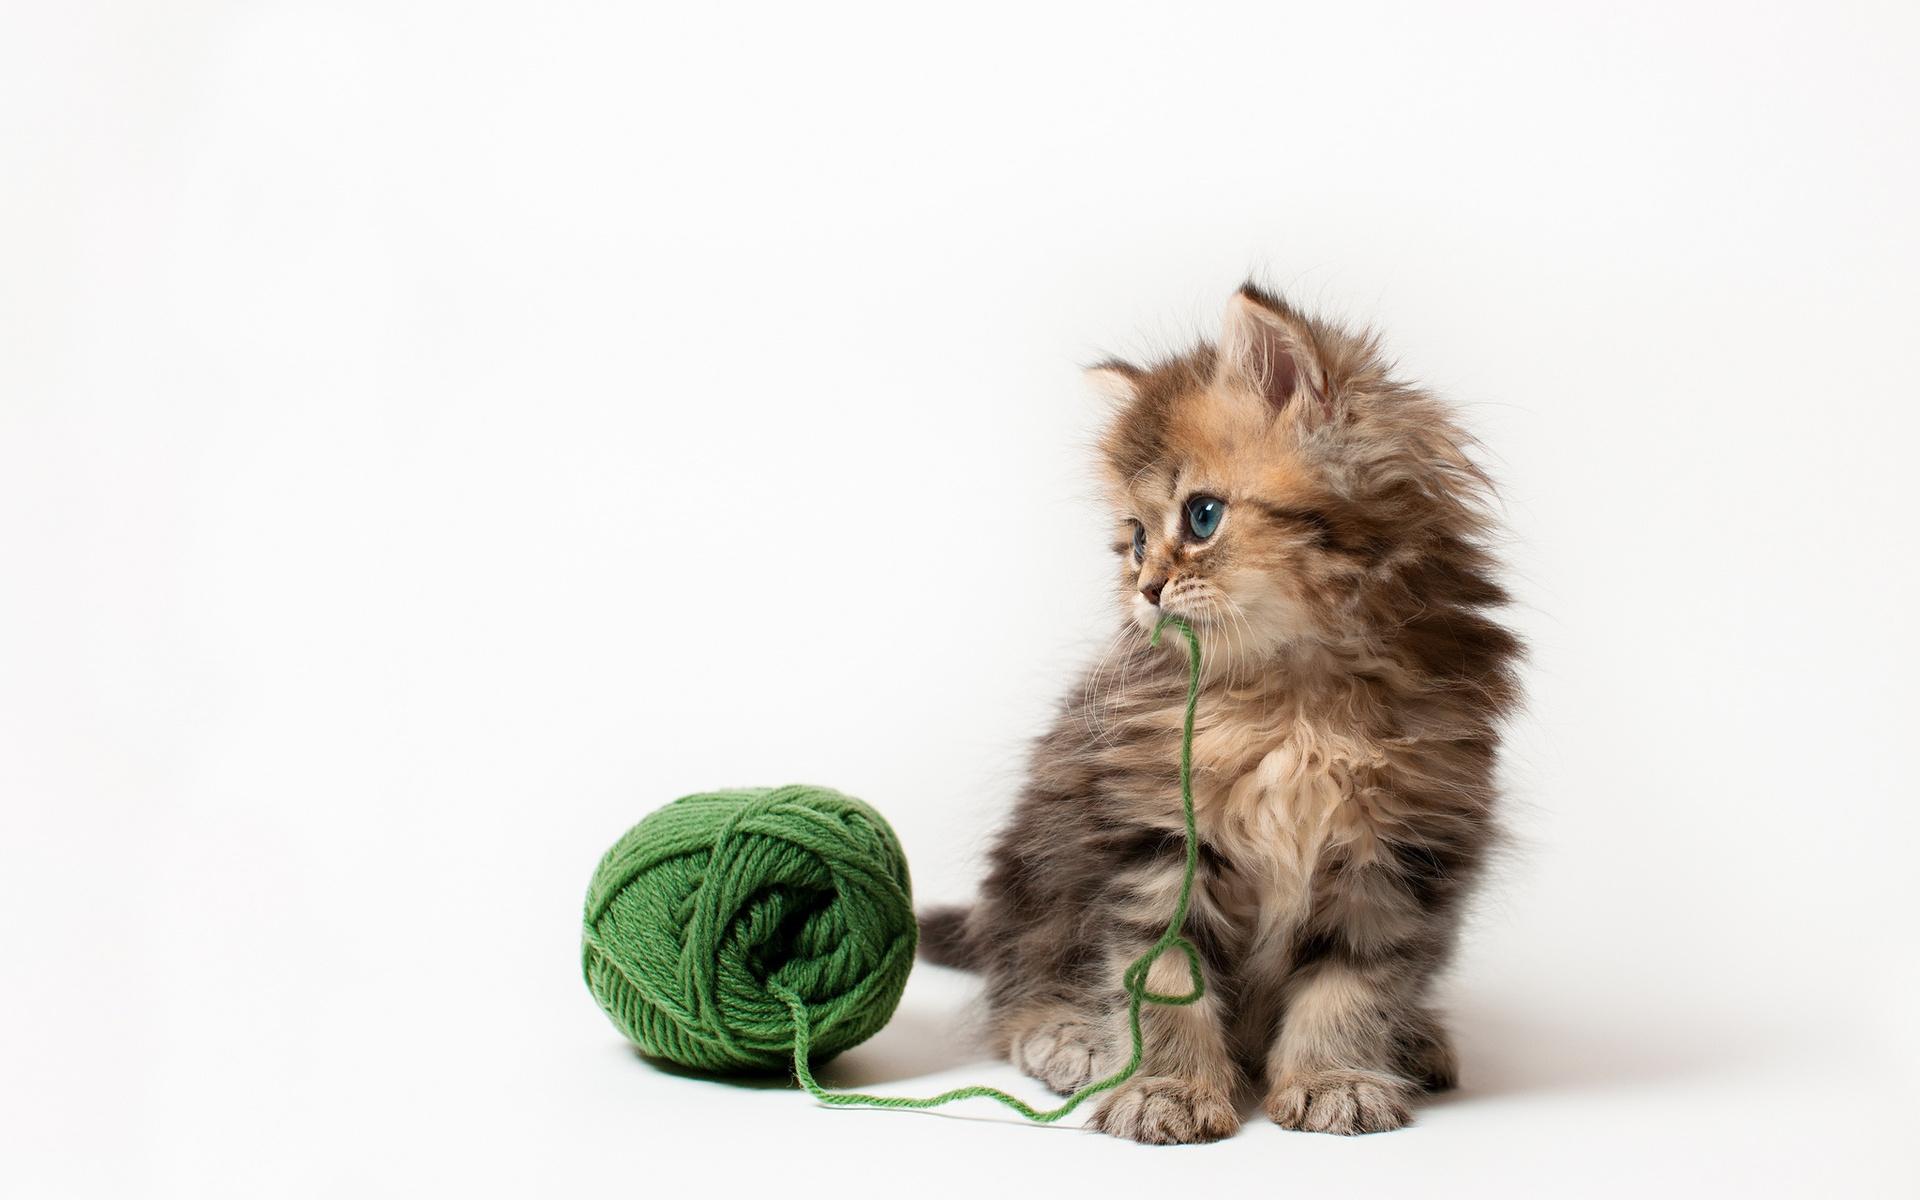 Поможем выбрать имя кошке научный подход к проблеме